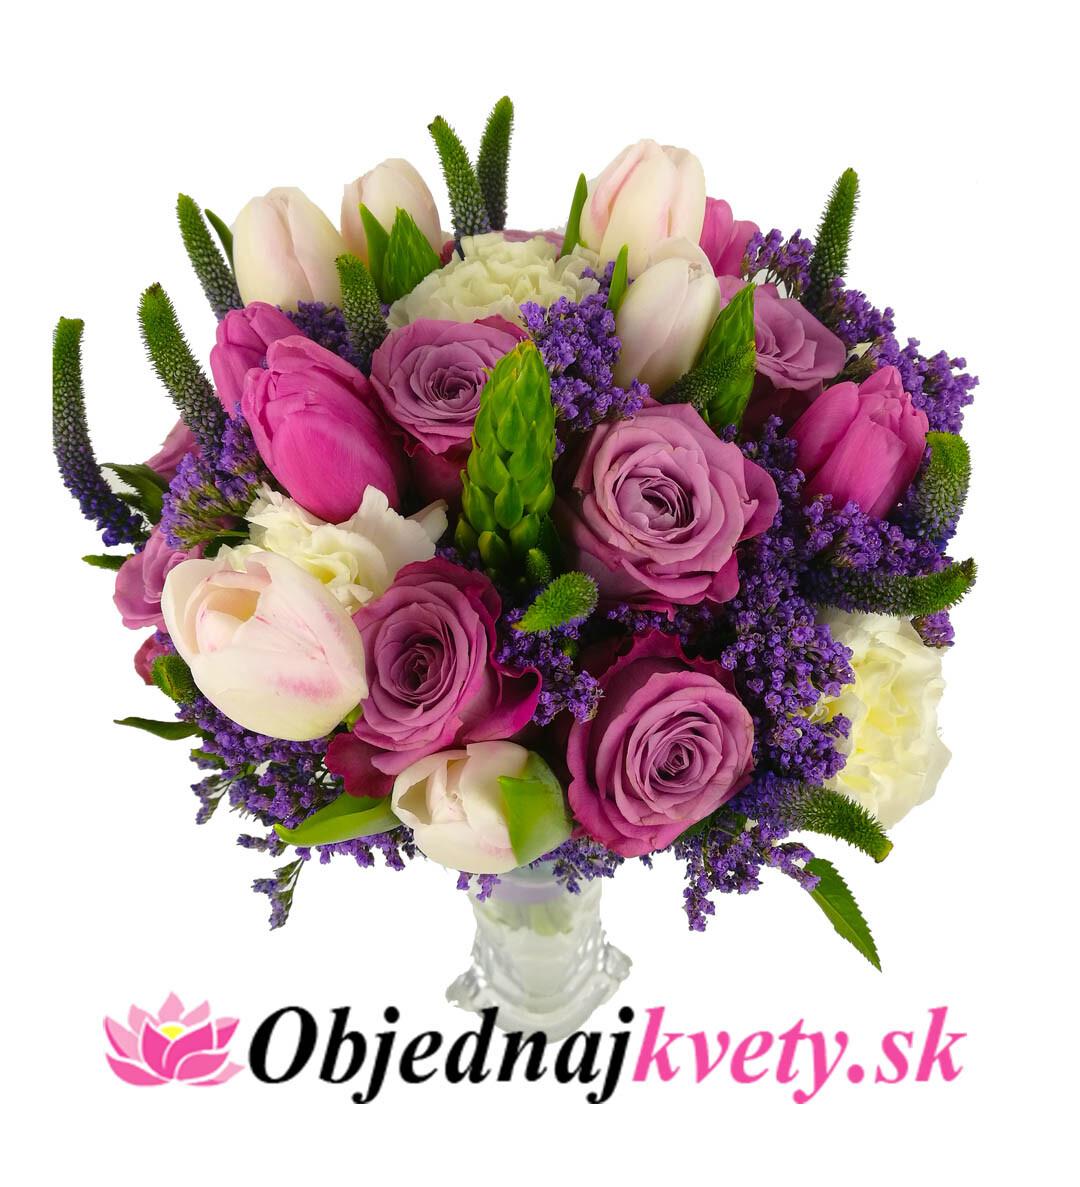 93fca226c Svadobná kytica Purple   Objednaj kvety